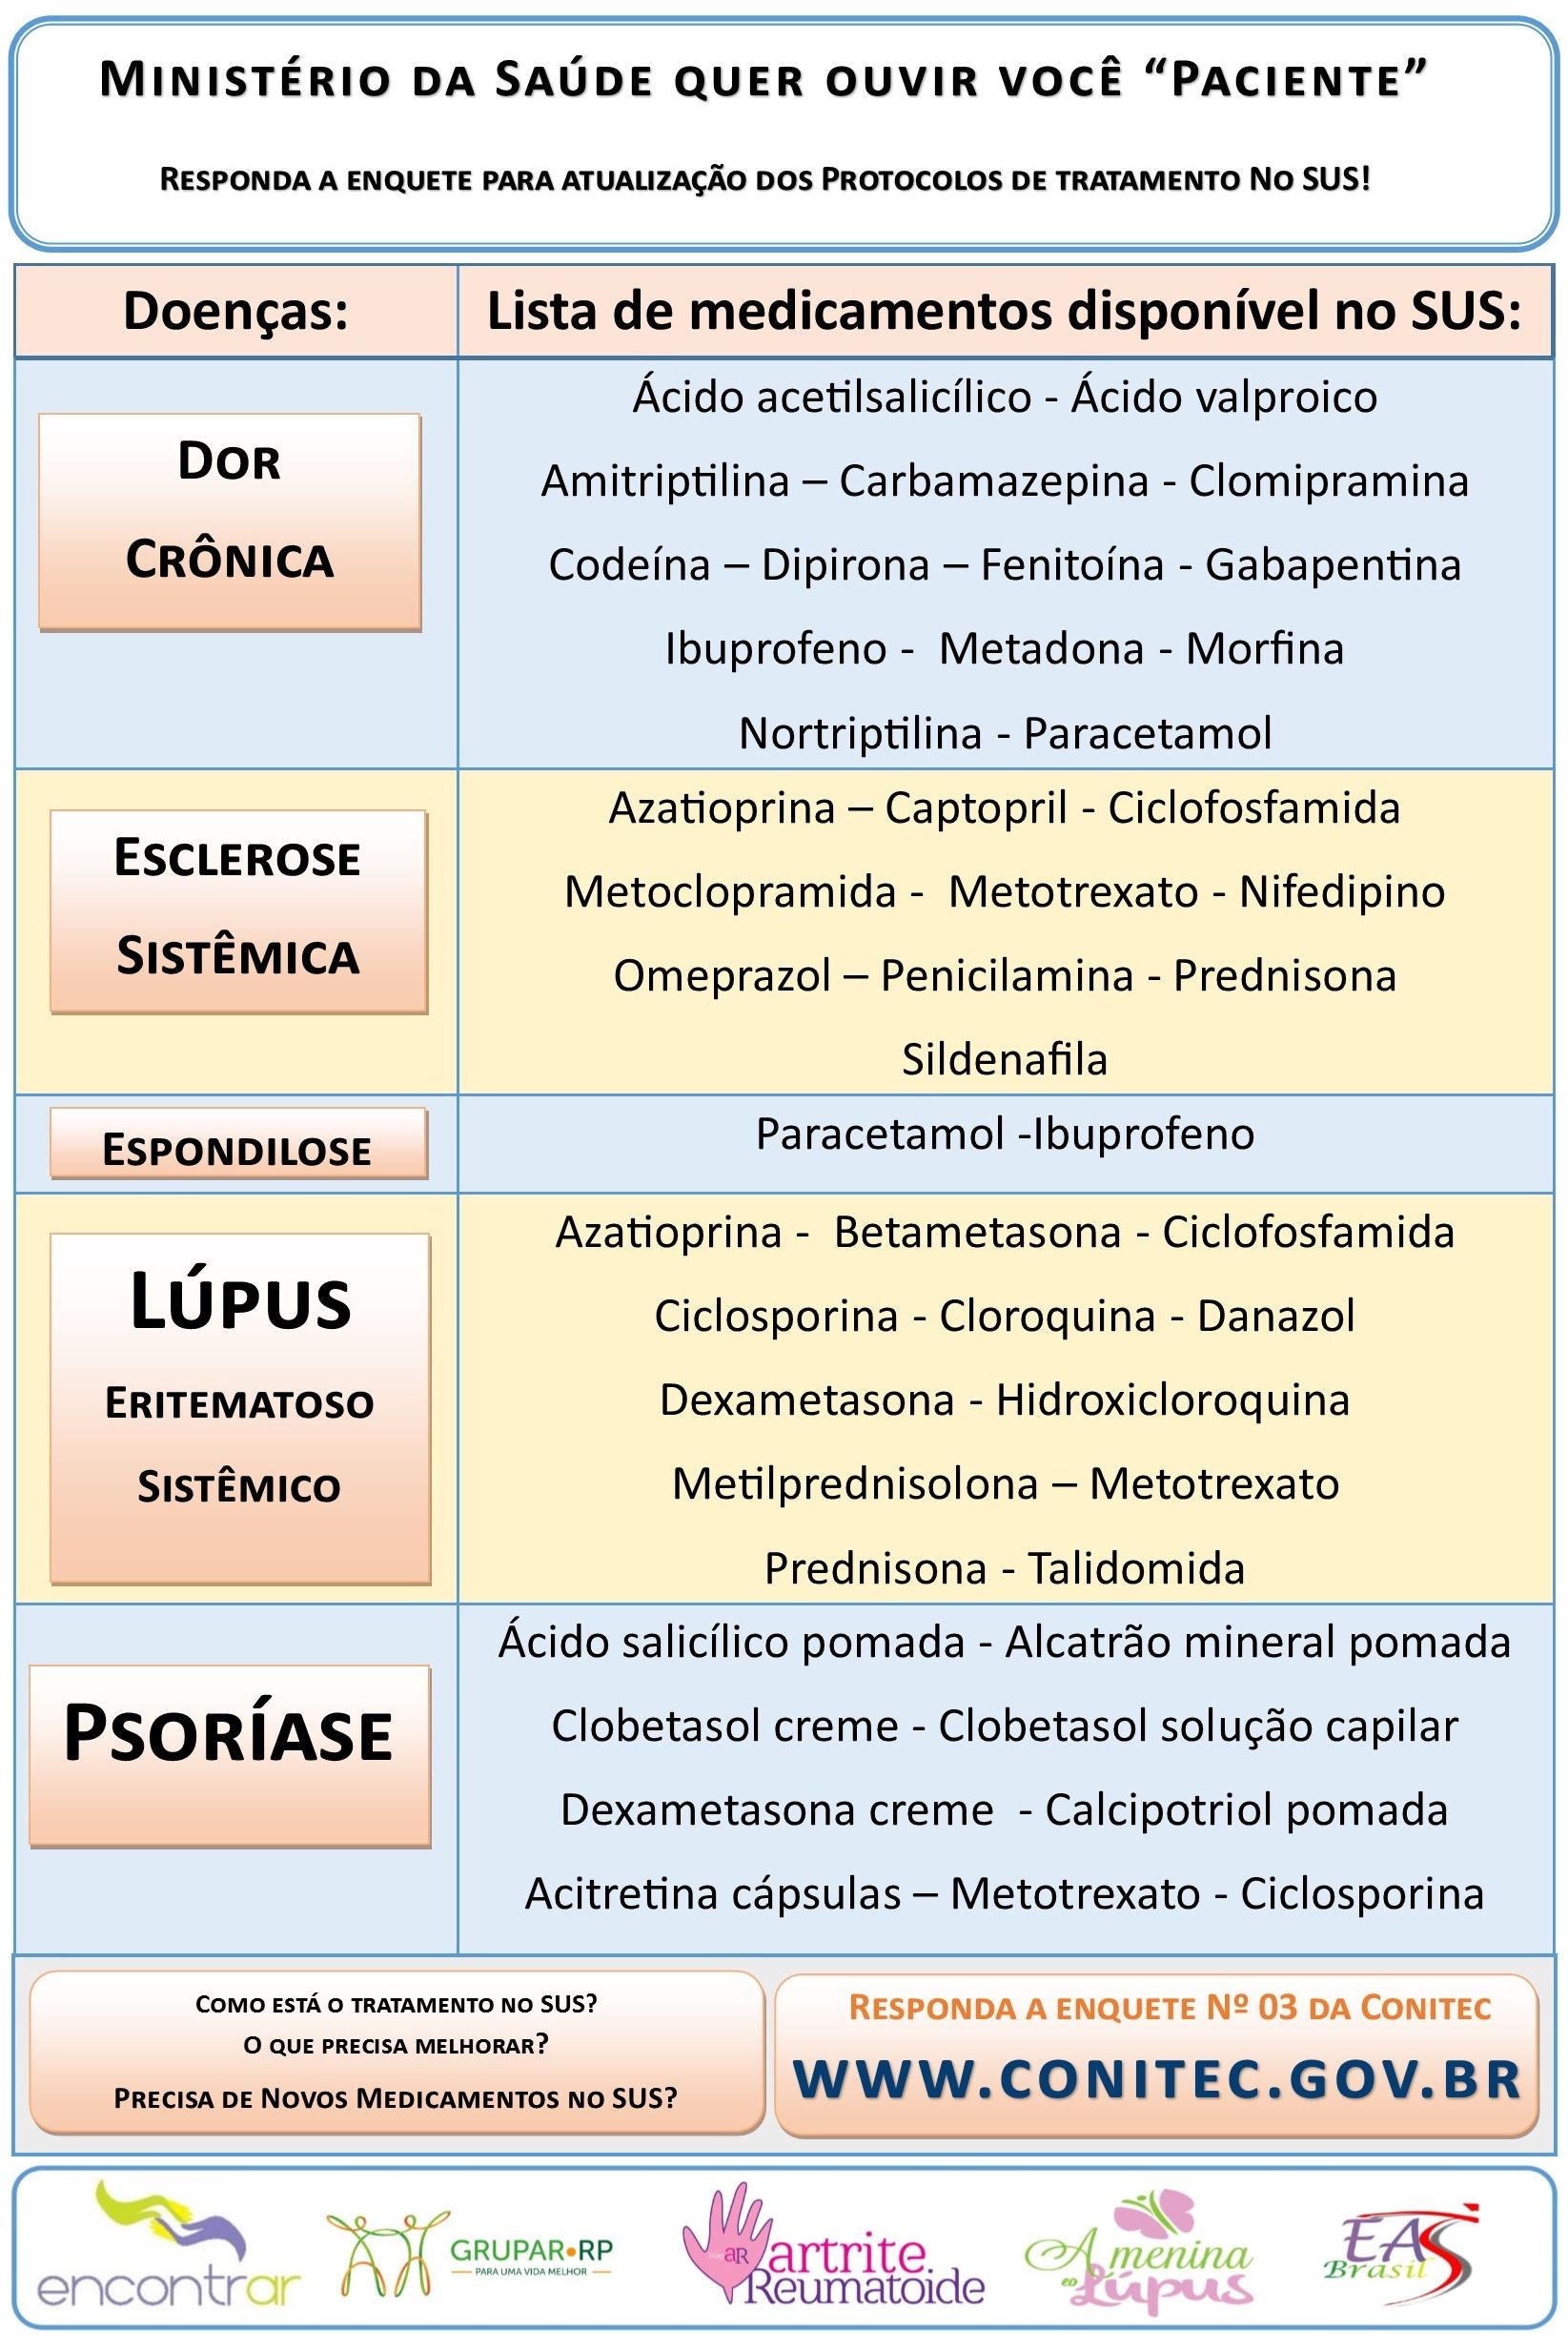 Enquete para atualizar os protocolos de tratamento do SUS: Dor Crônica, Esclerose Sistêmica, Espondilose, Lúpus, Psoríase